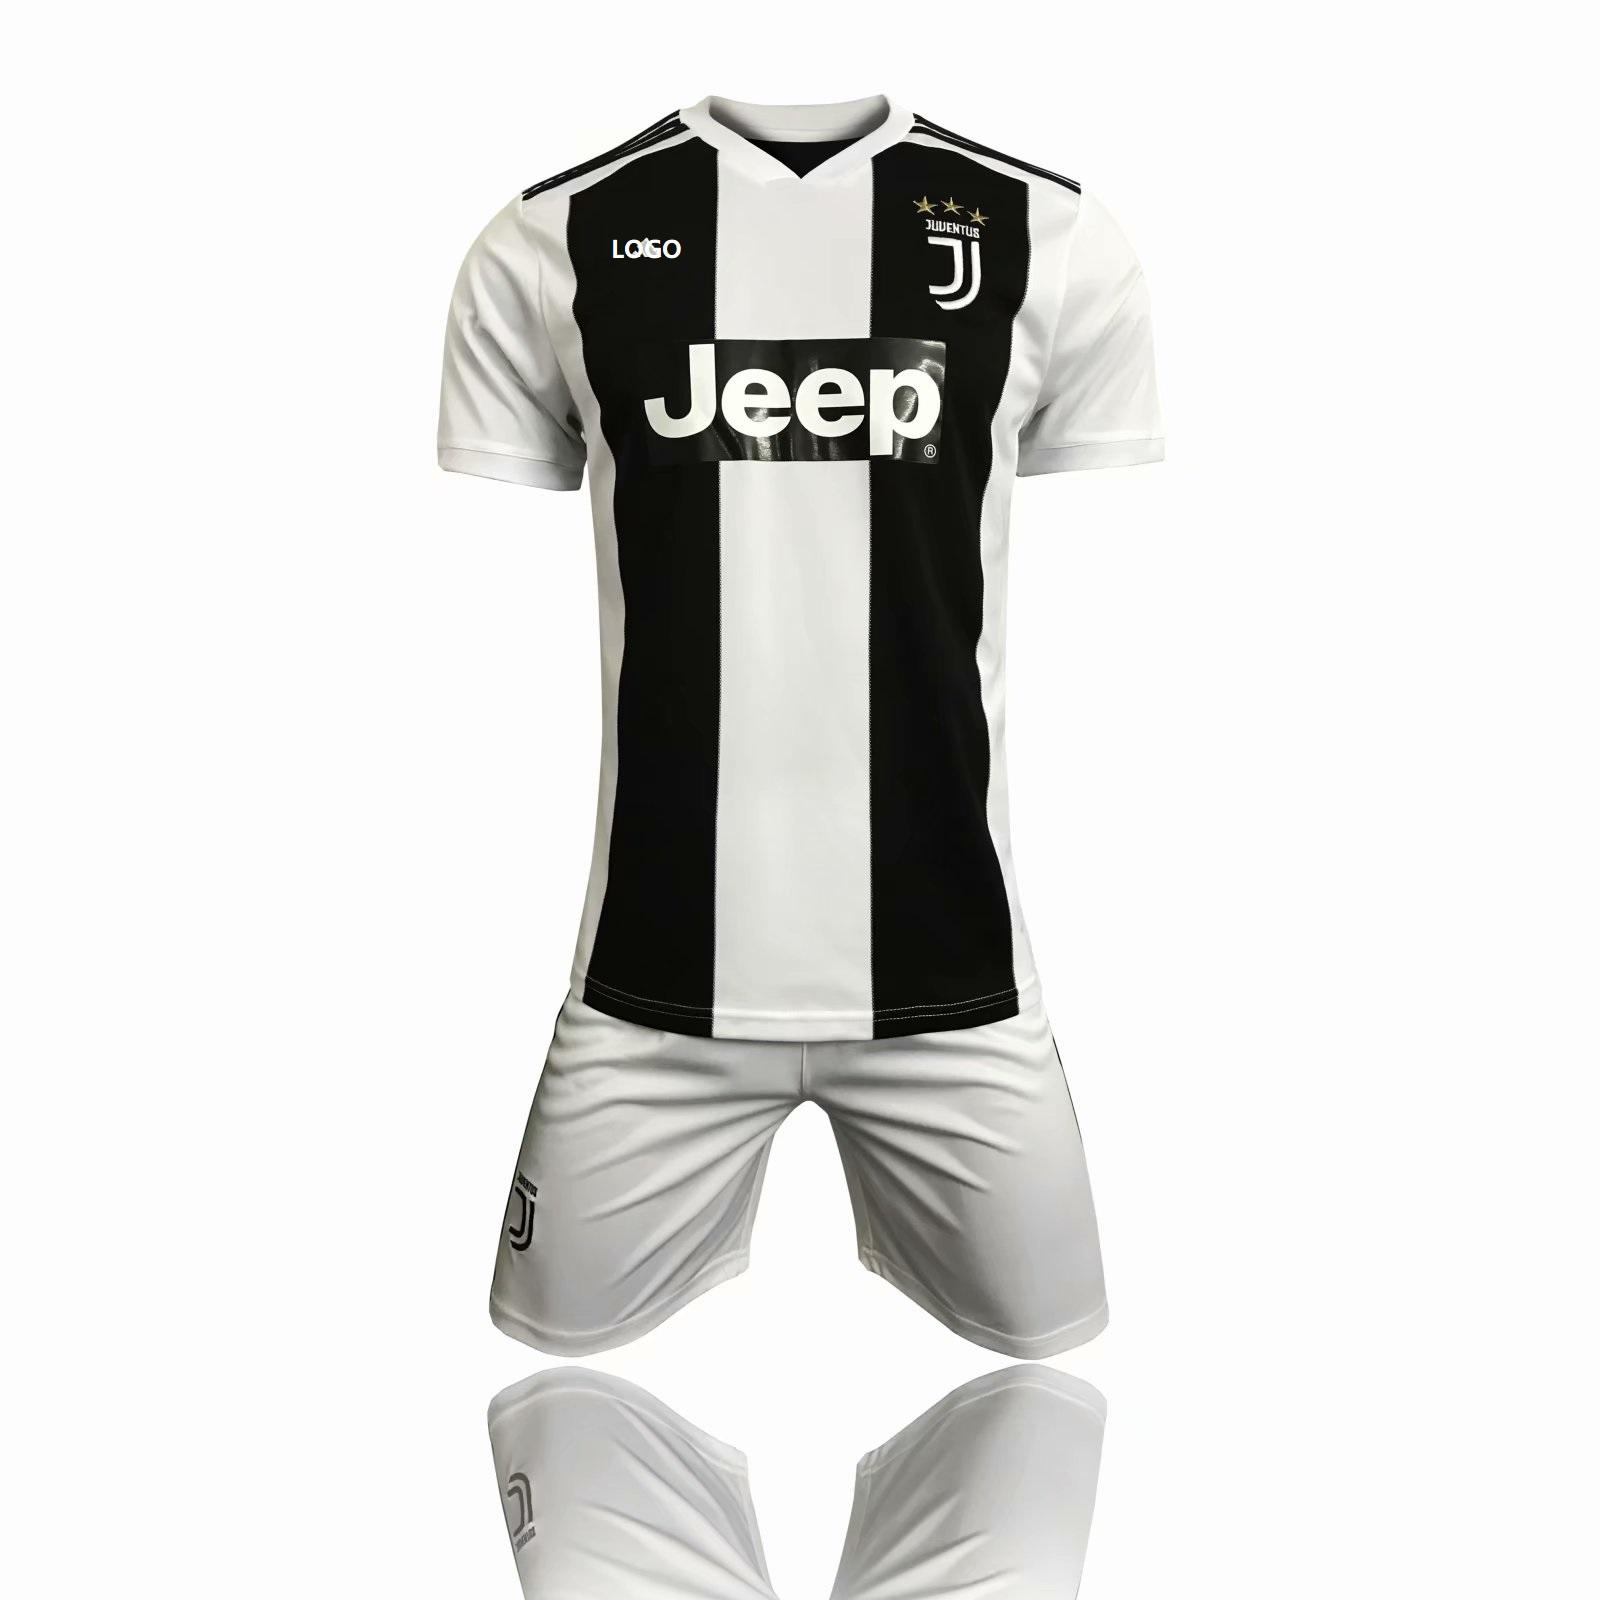 9d885d656b7 2018/19 Cheap Adult Juventus Soccer Jersey Uniform Man Shirt+Short Football  Tracksuit Home Away